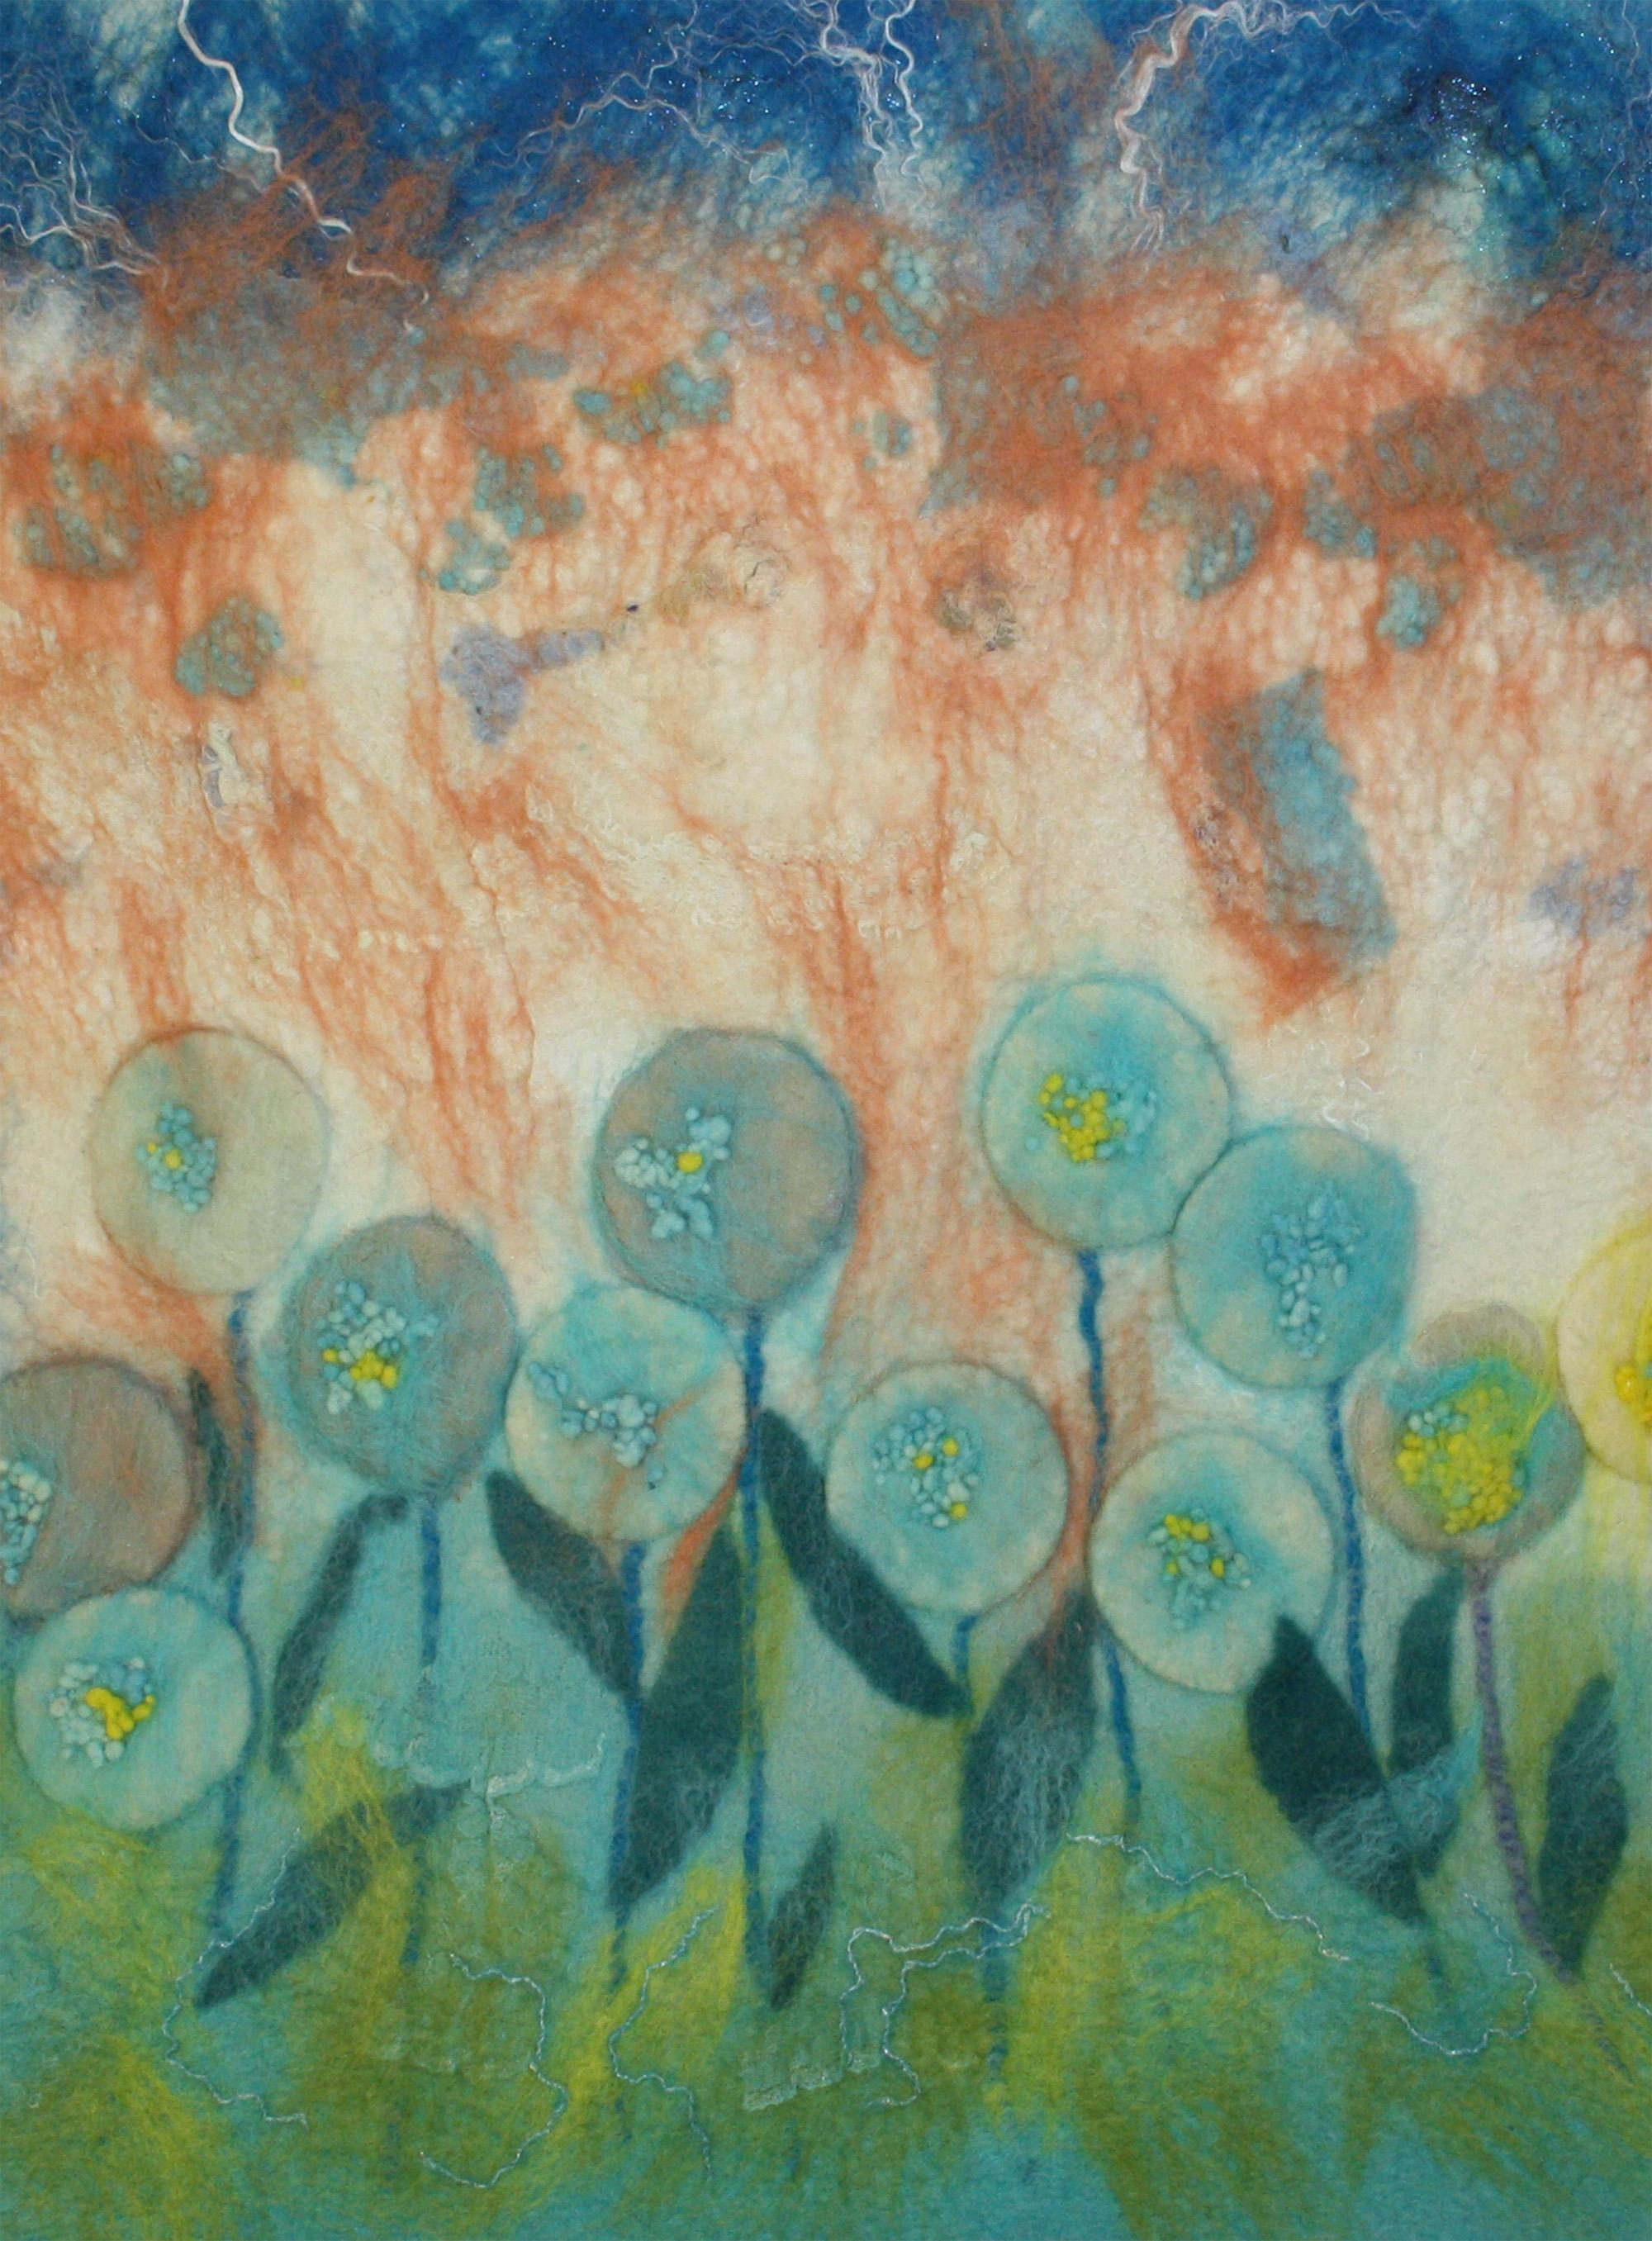 Silent Garden, Elaine Peden, element15